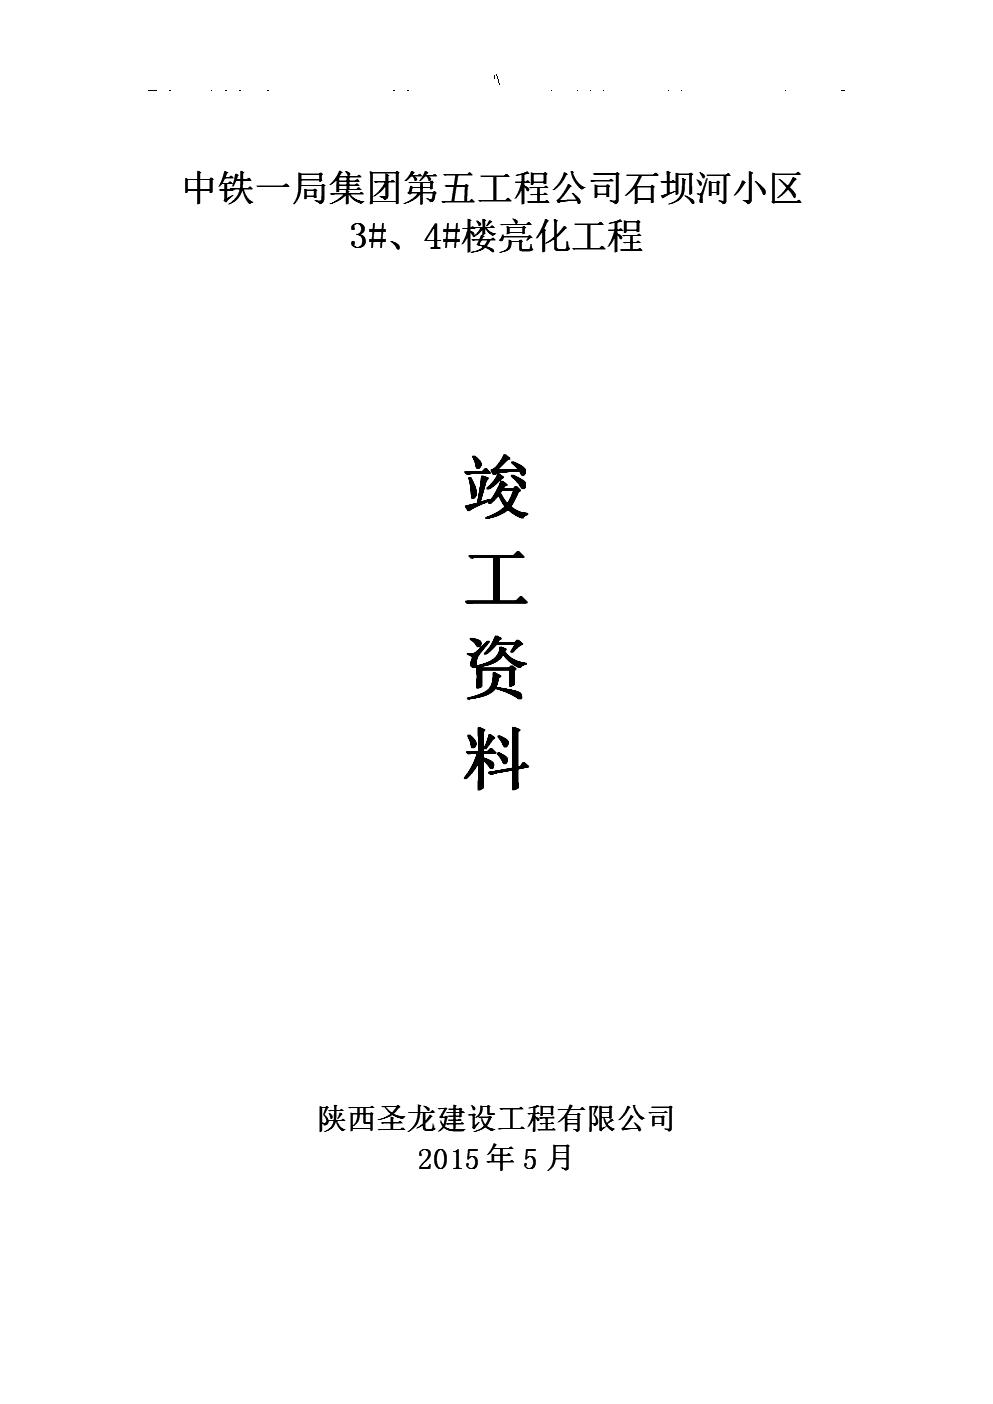 亮化项目工程竣工资料.doc